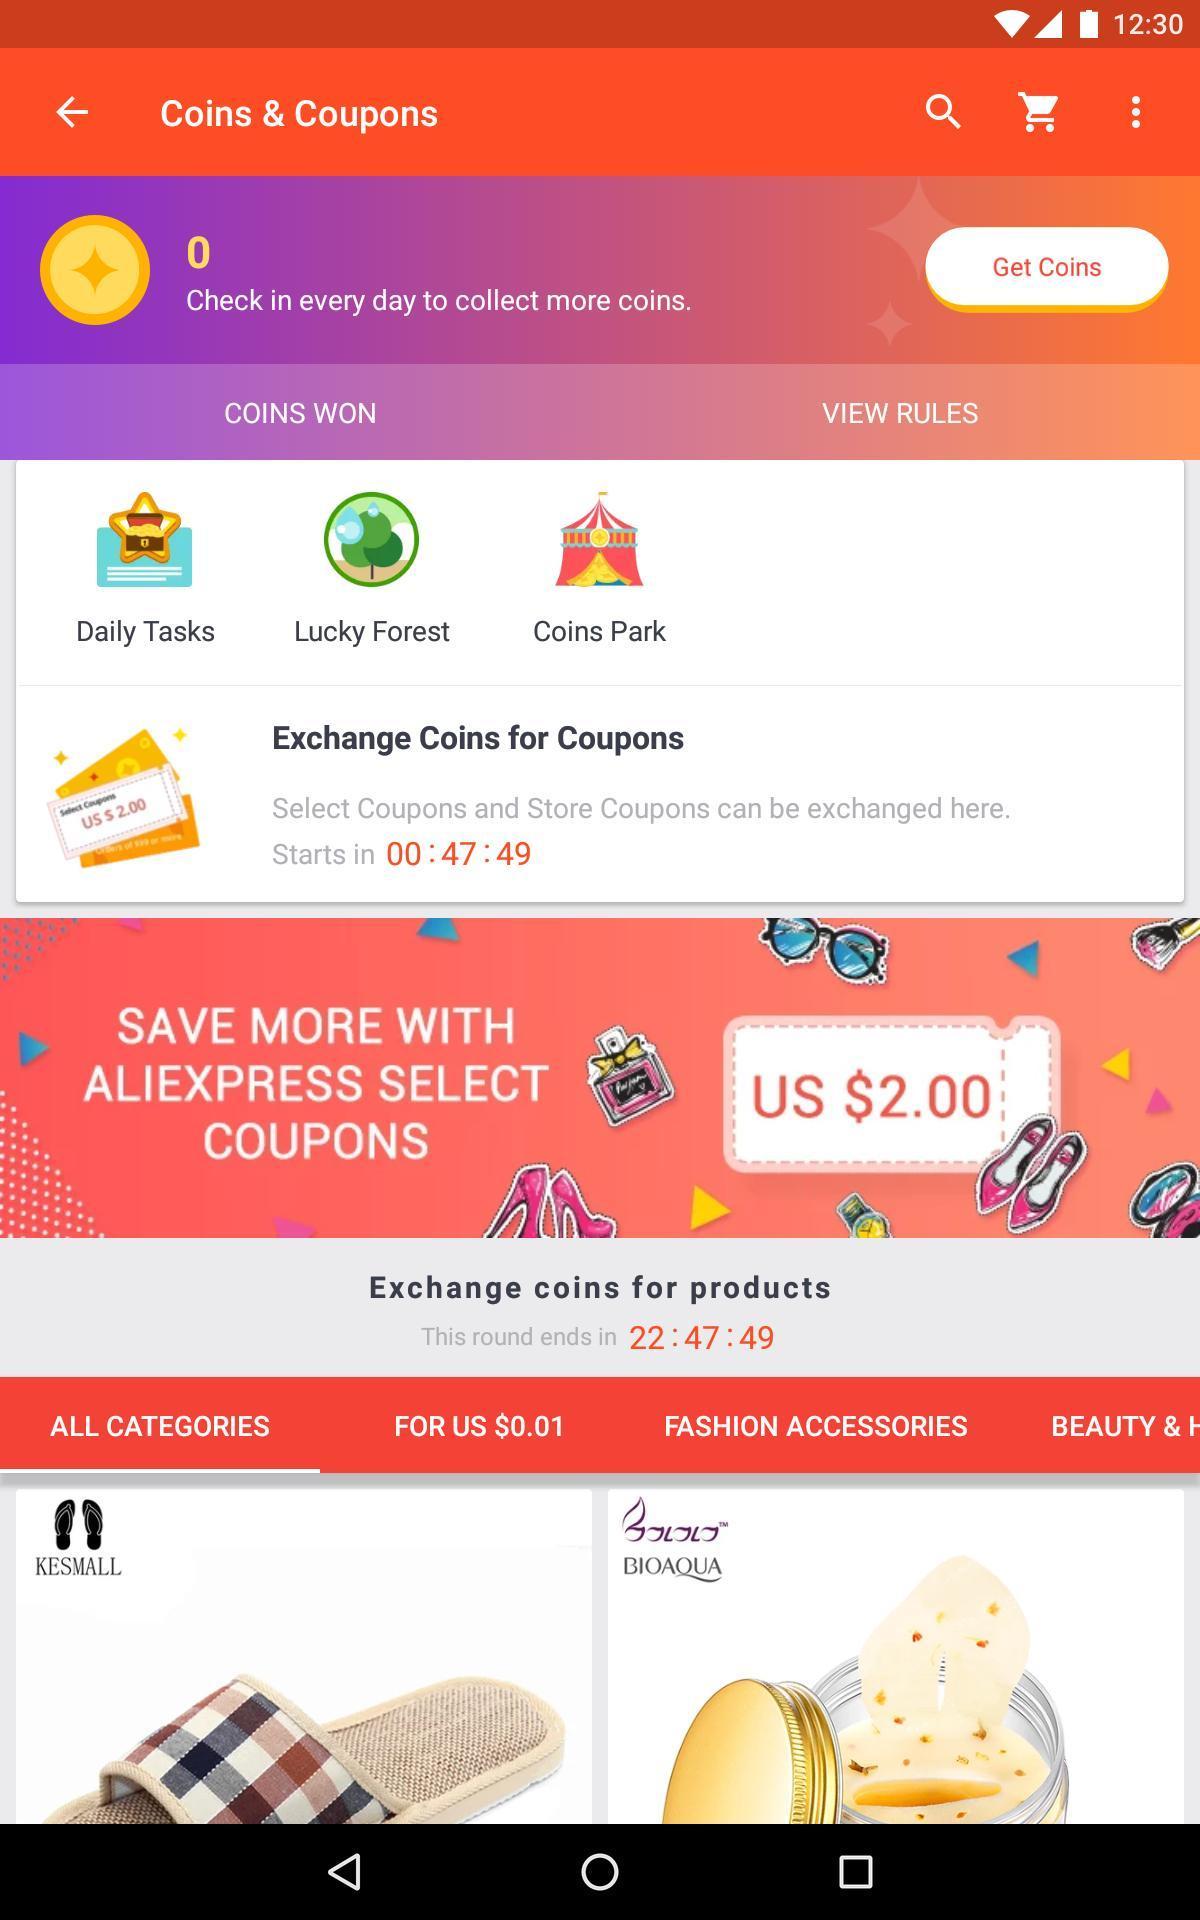 AliExpress Smarter Shopping, Better Living 8.3.3 Screenshot 12